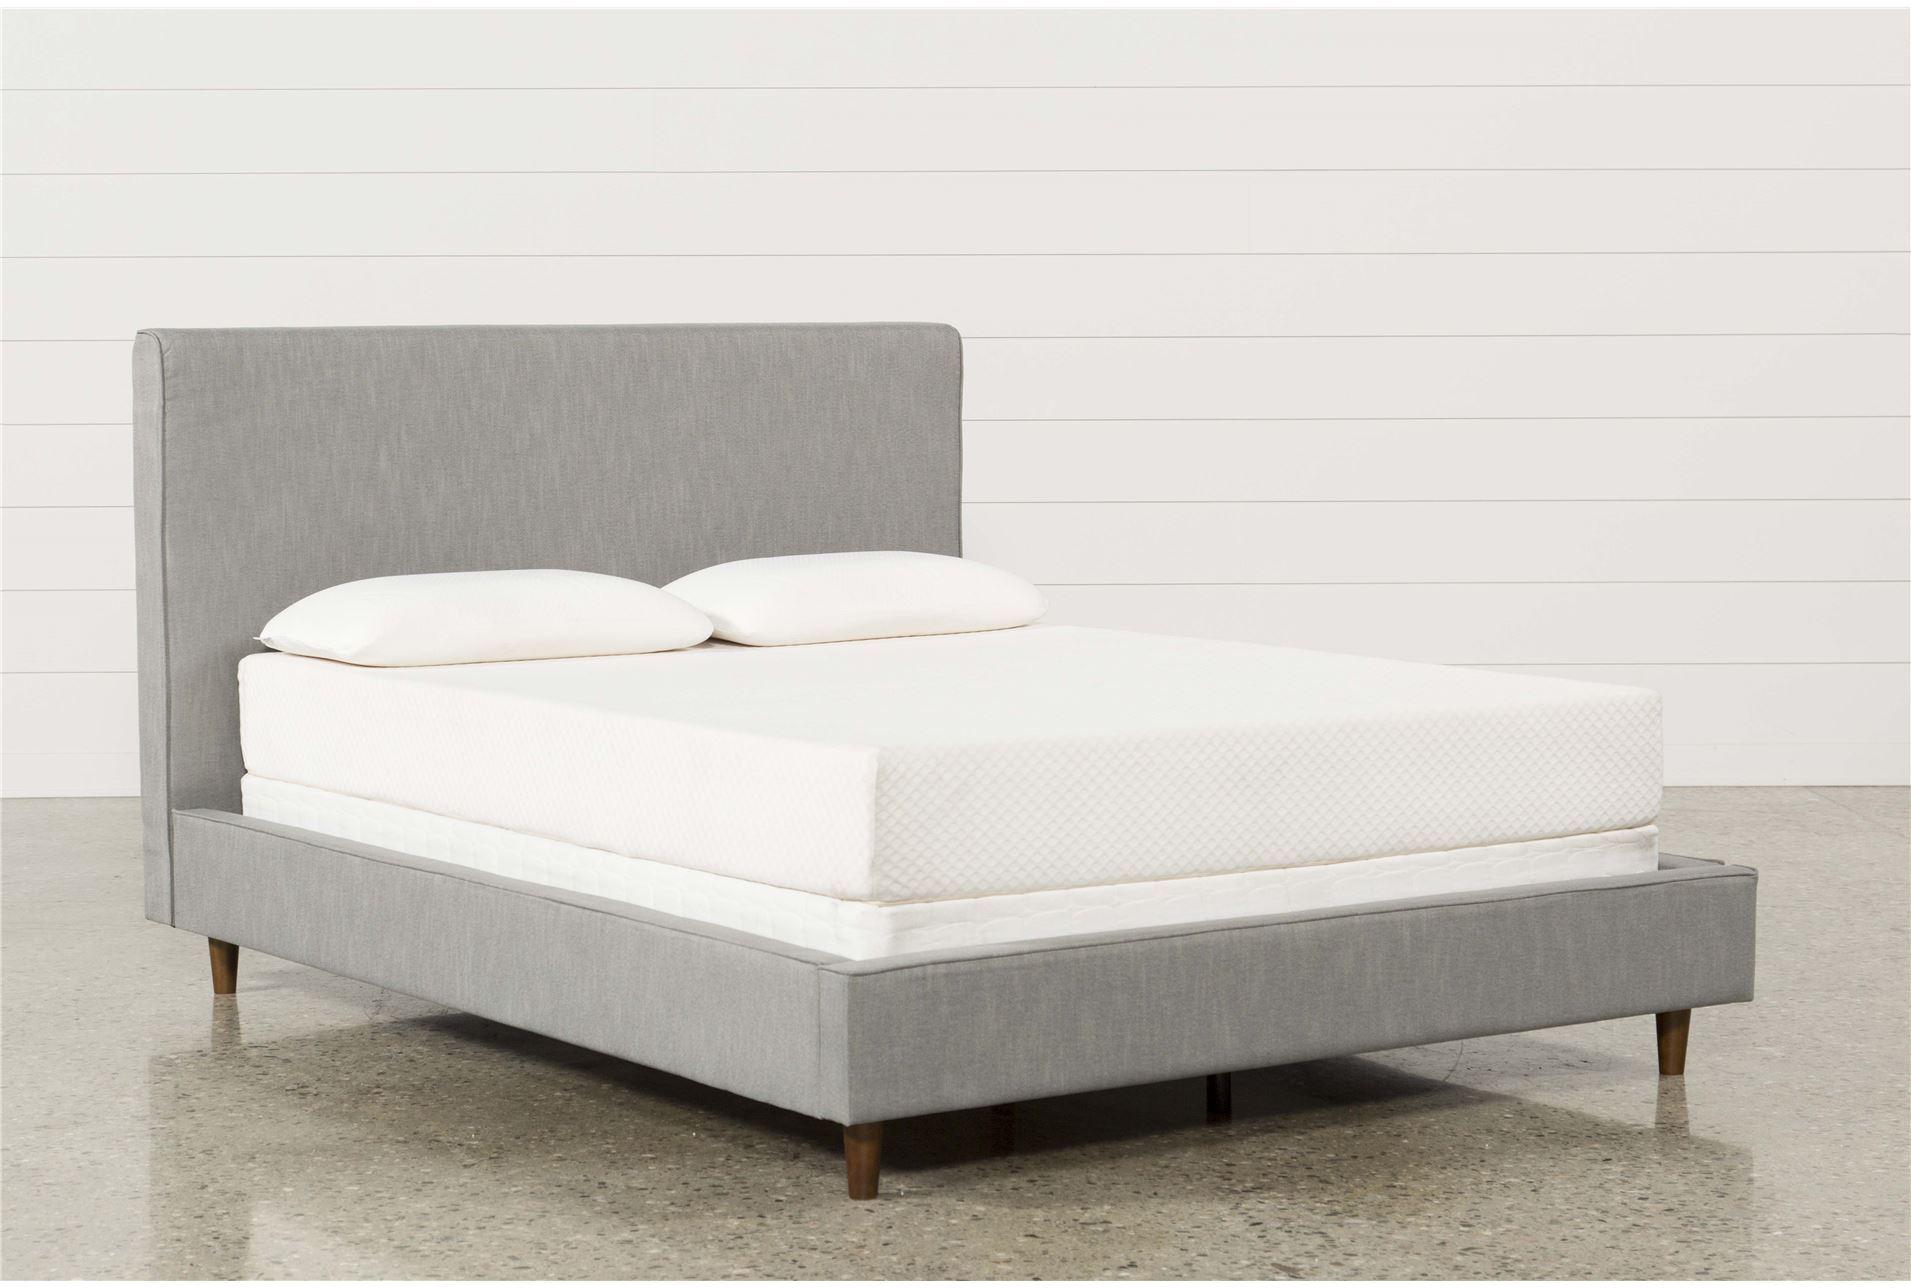 dean charcoal eastern king upholstered panel bed living spaces. Black Bedroom Furniture Sets. Home Design Ideas